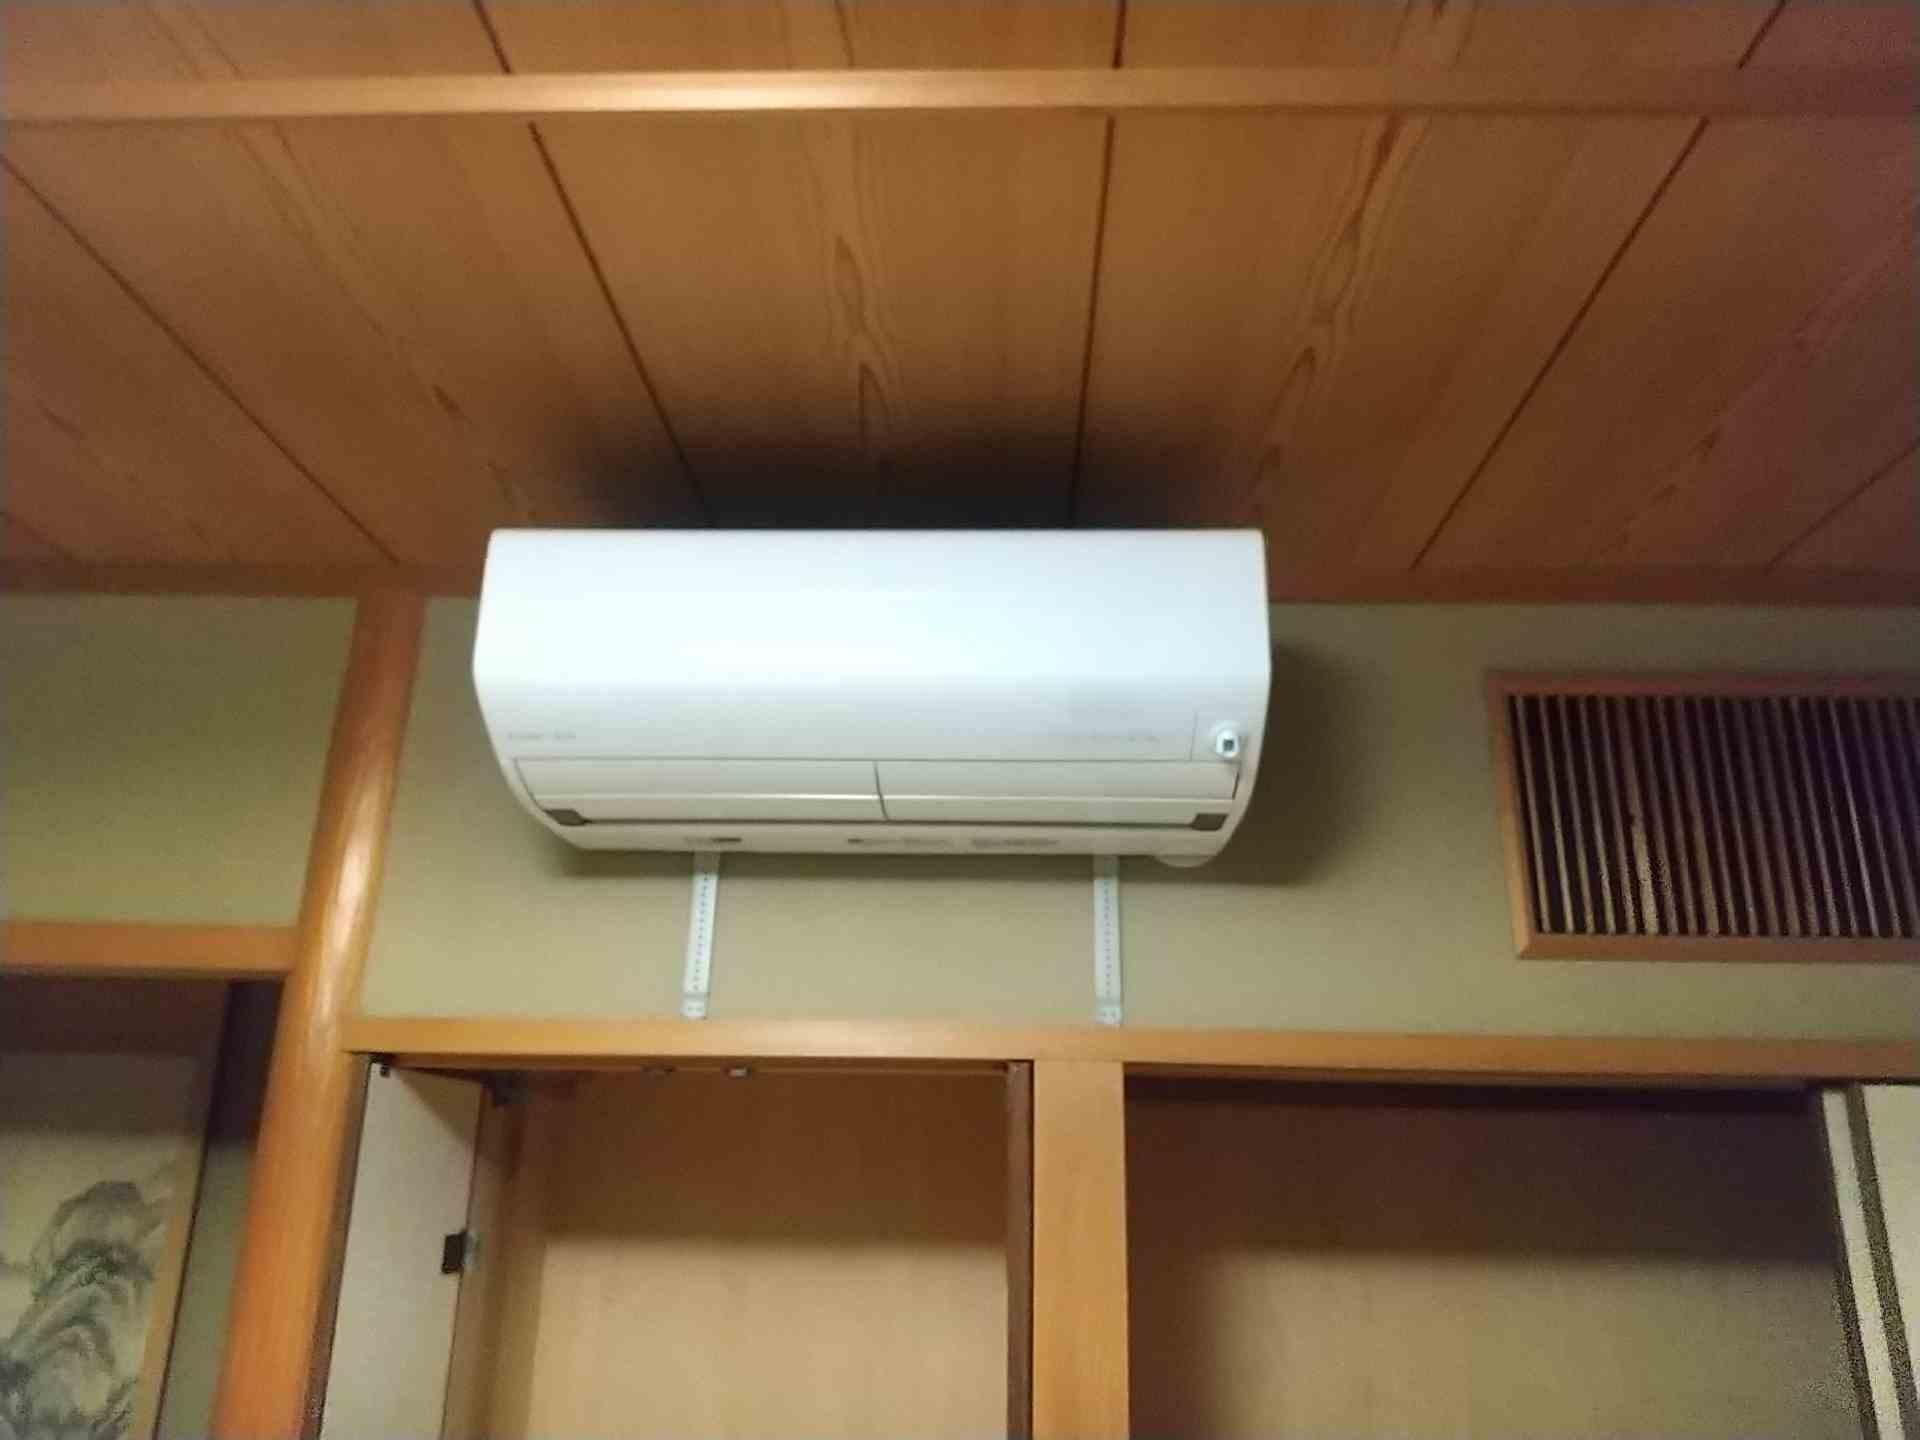 今回取り替えたエアコンです。配管は新しく引き直しました。